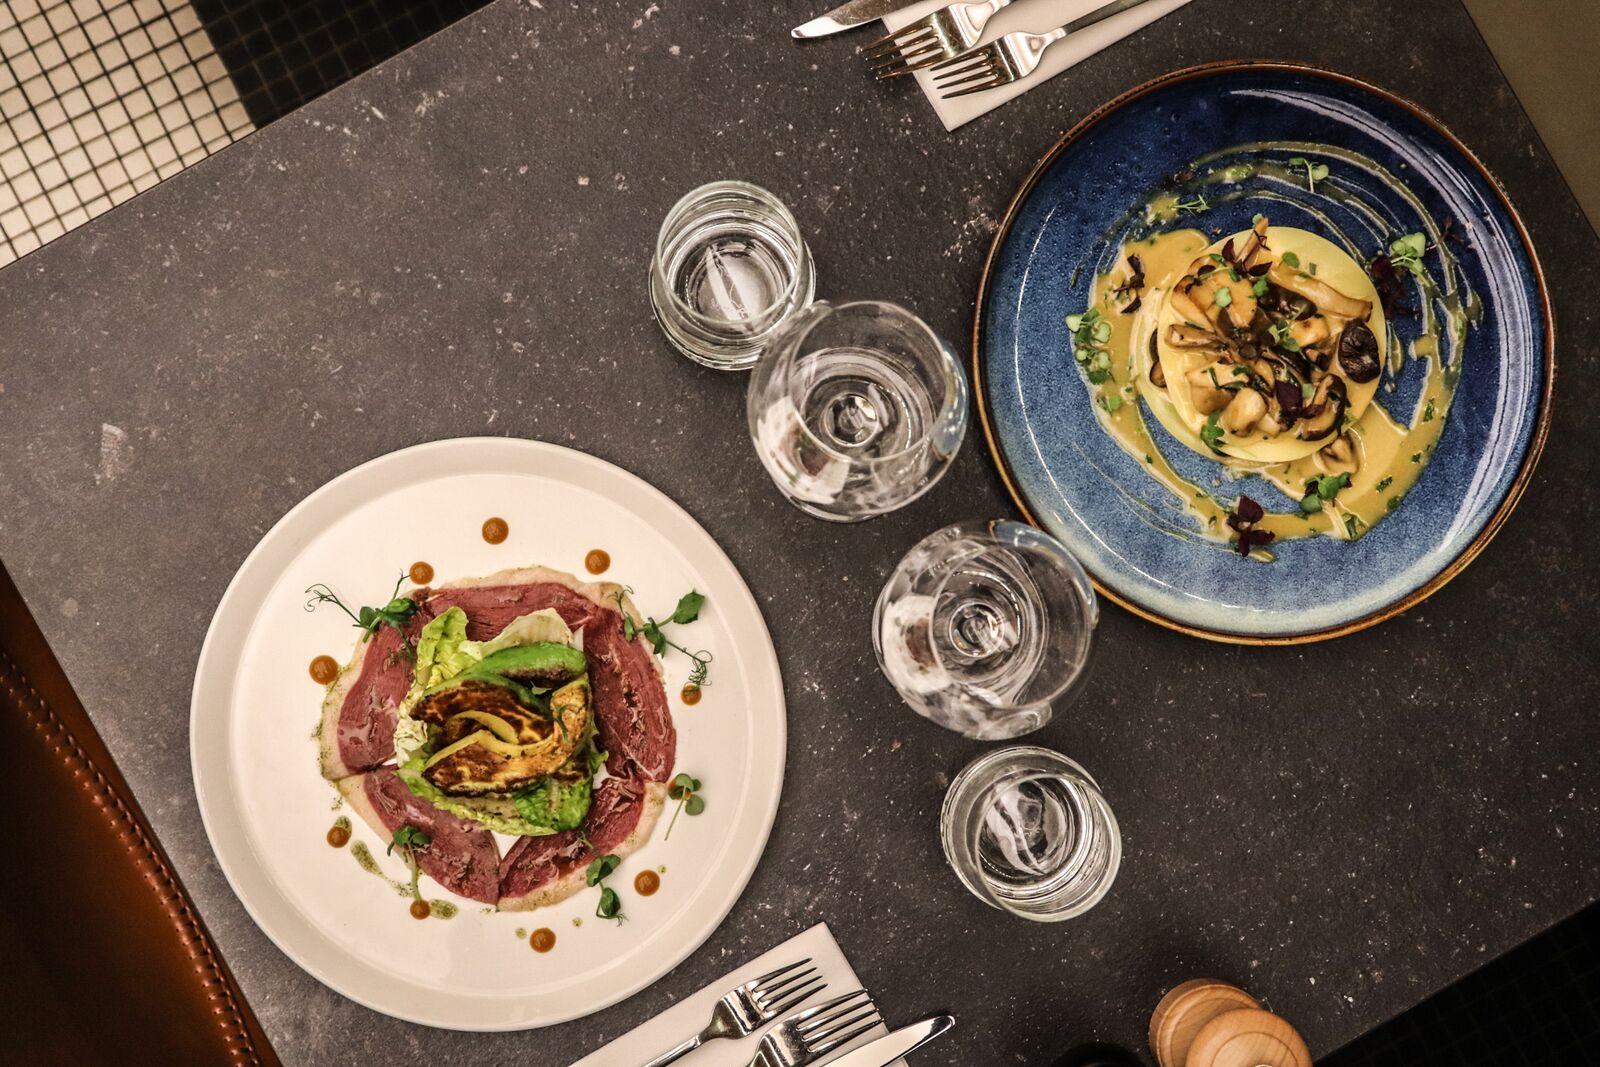 Restaurant business diner Brussel